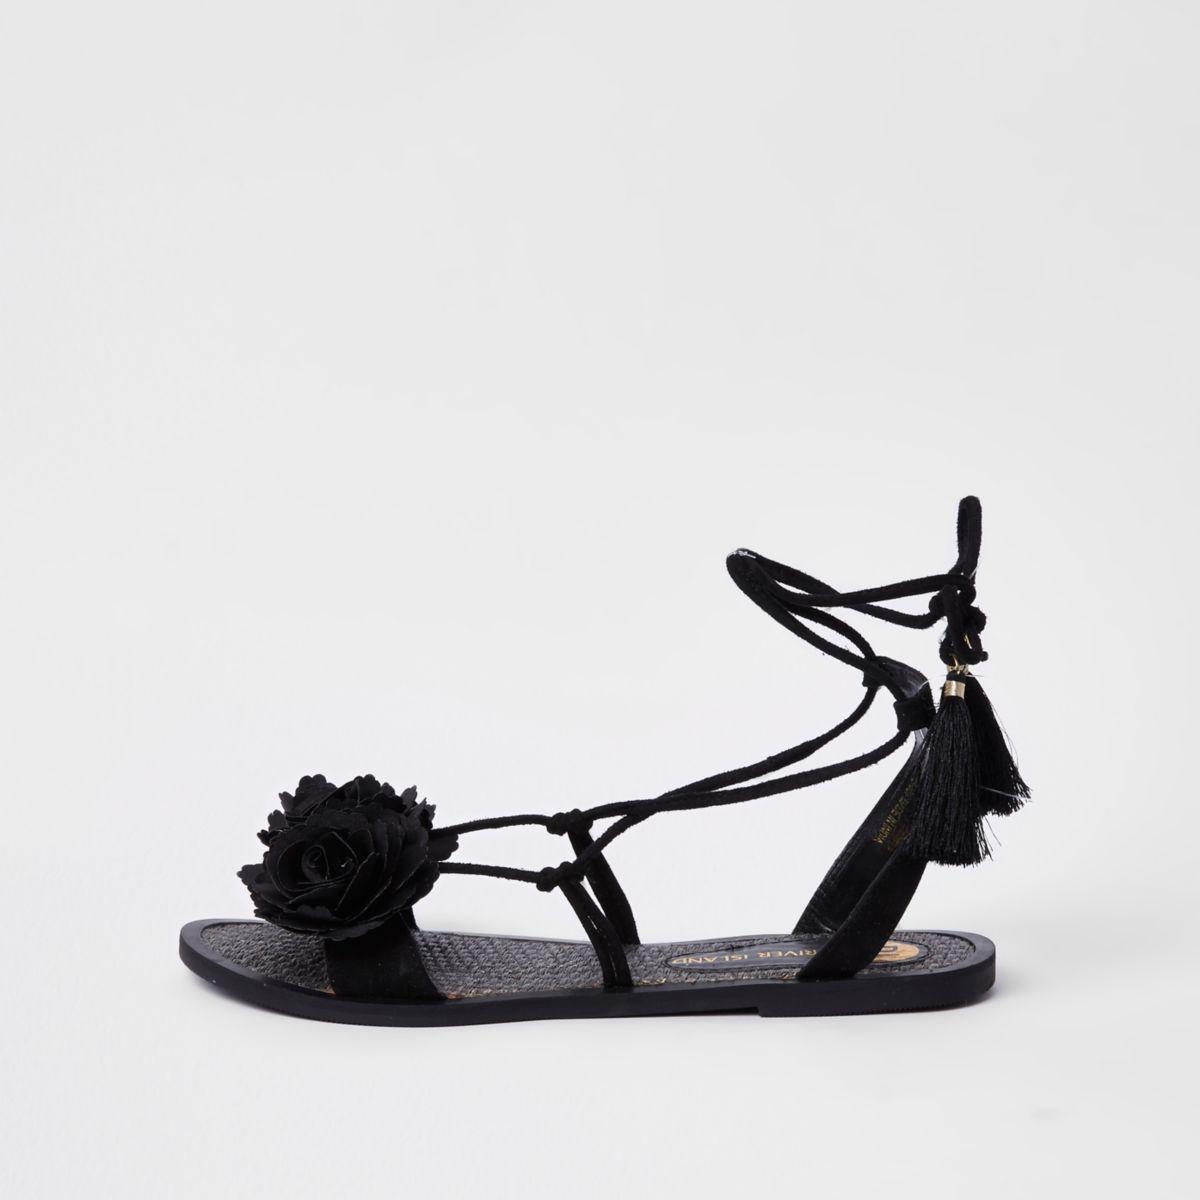 Zwarte gebloemde sandalen met strik bij de enkel